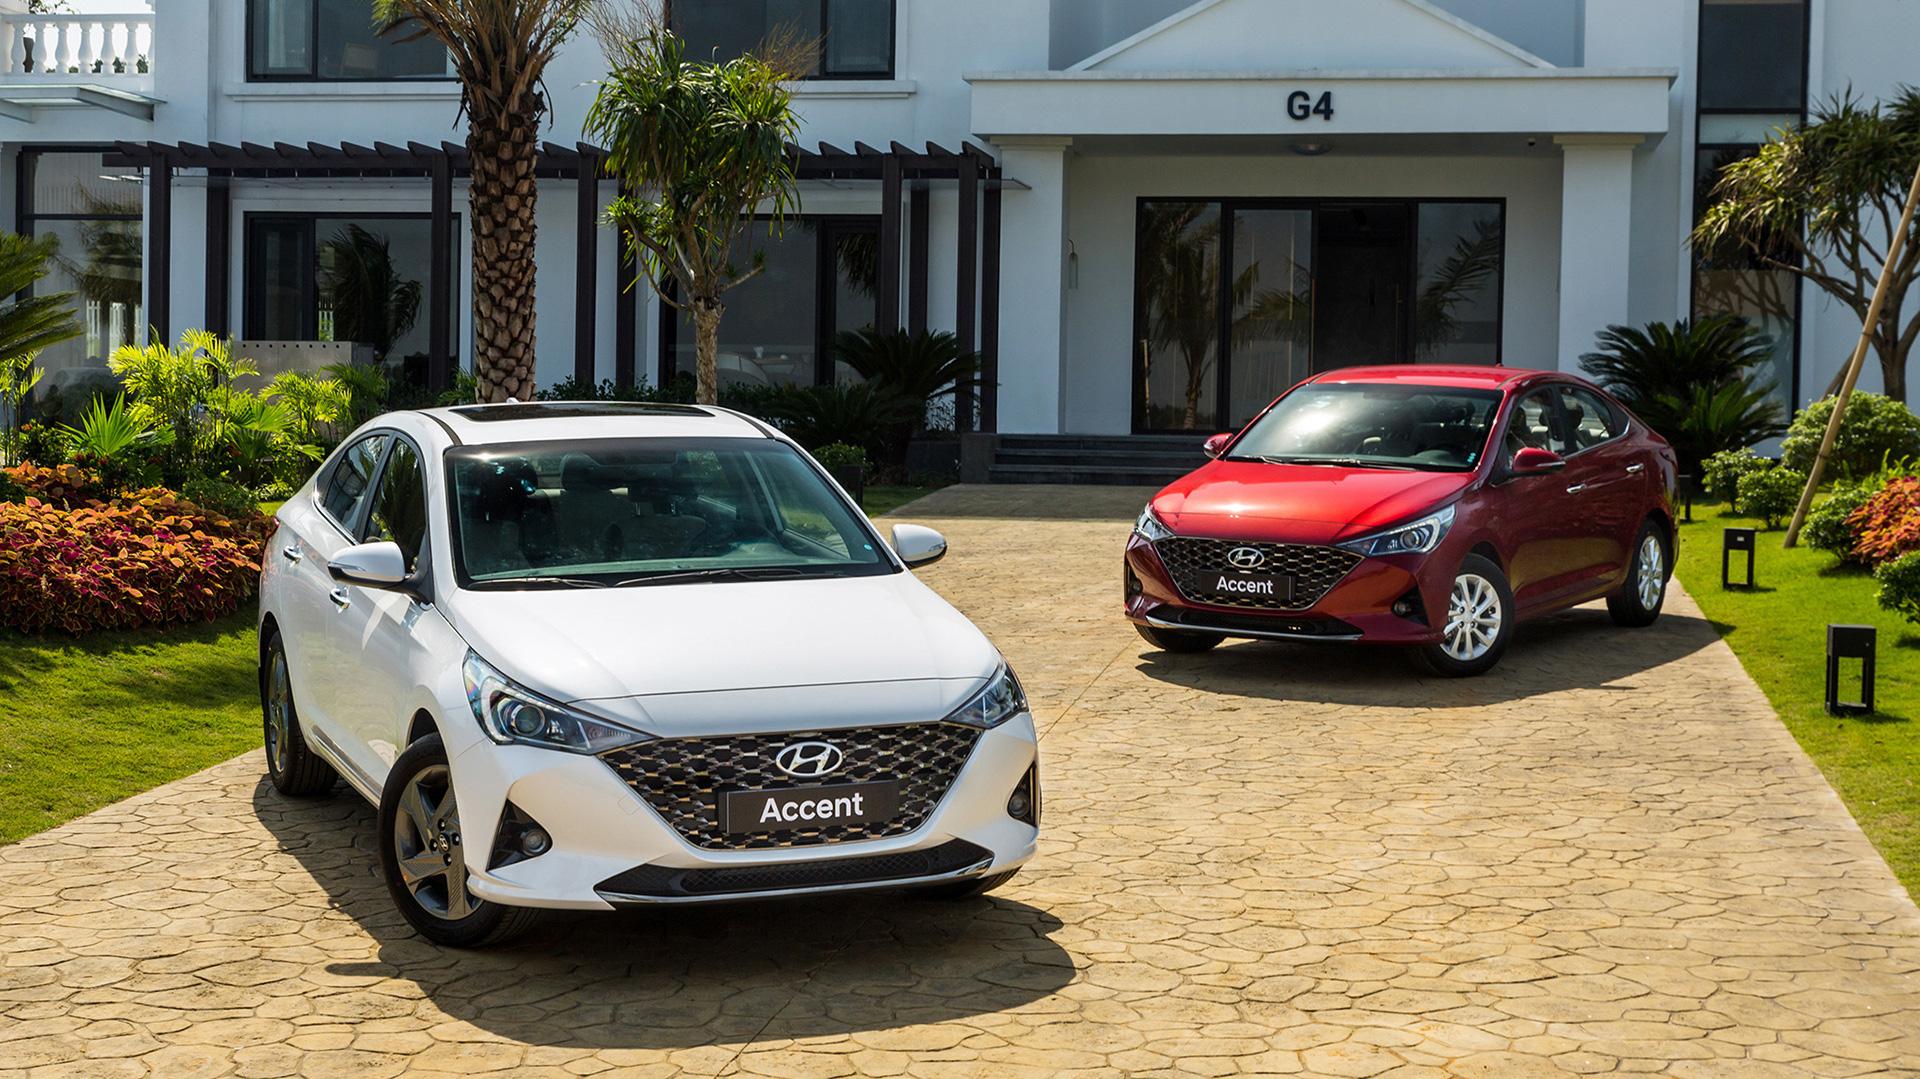 Giá lăn bánh Hyundai Accent tháng 8/2021: Tiếp tục là lựa chọn số 1 trong phân khúc 1